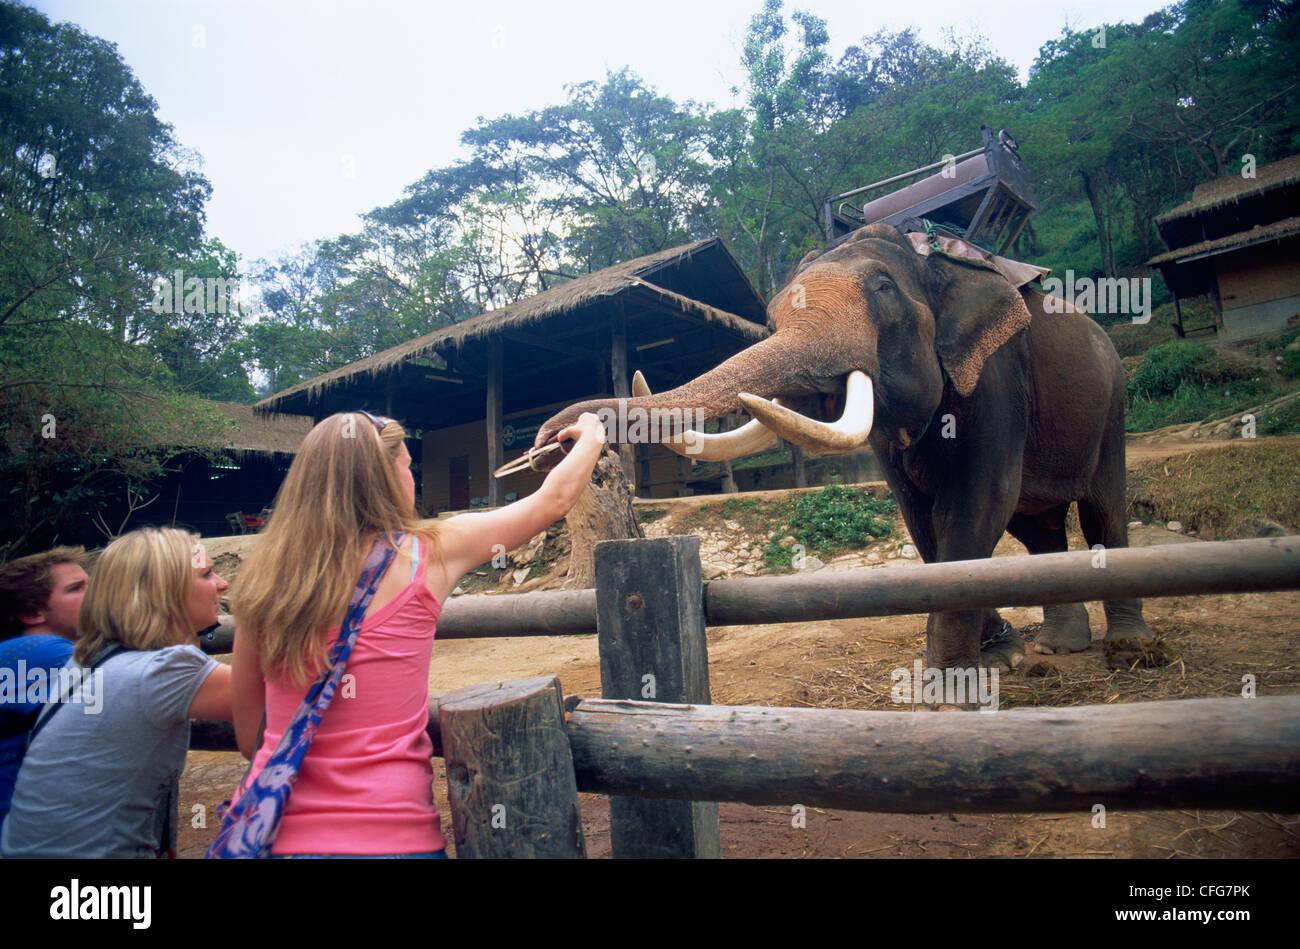 Thailand, Chiang Mai, Mae Sa Elephant Camp, Tourists Feeding Elephants - Stock Image